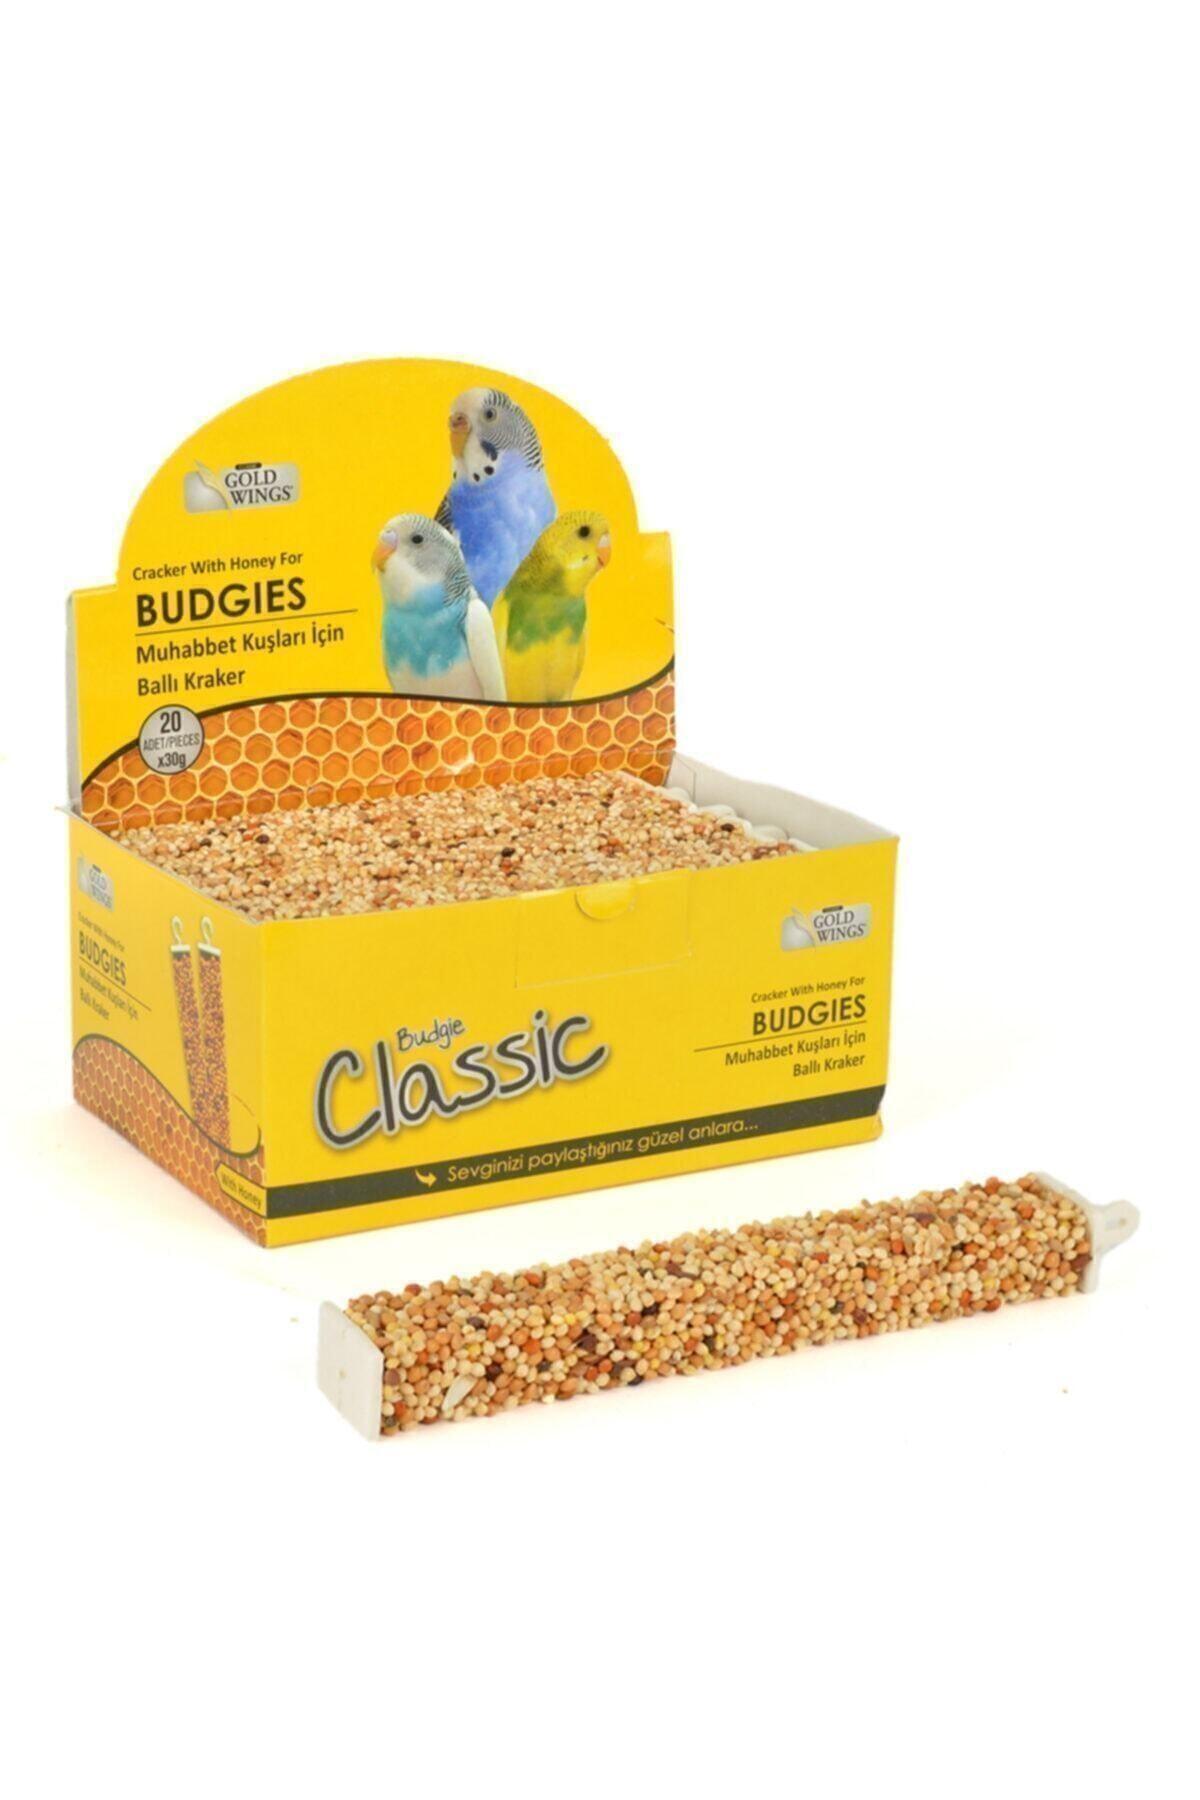 Muhabbet Kuşları Için Ballı Tava Kuş Krakeri Kutuda 20 Adet Kraker